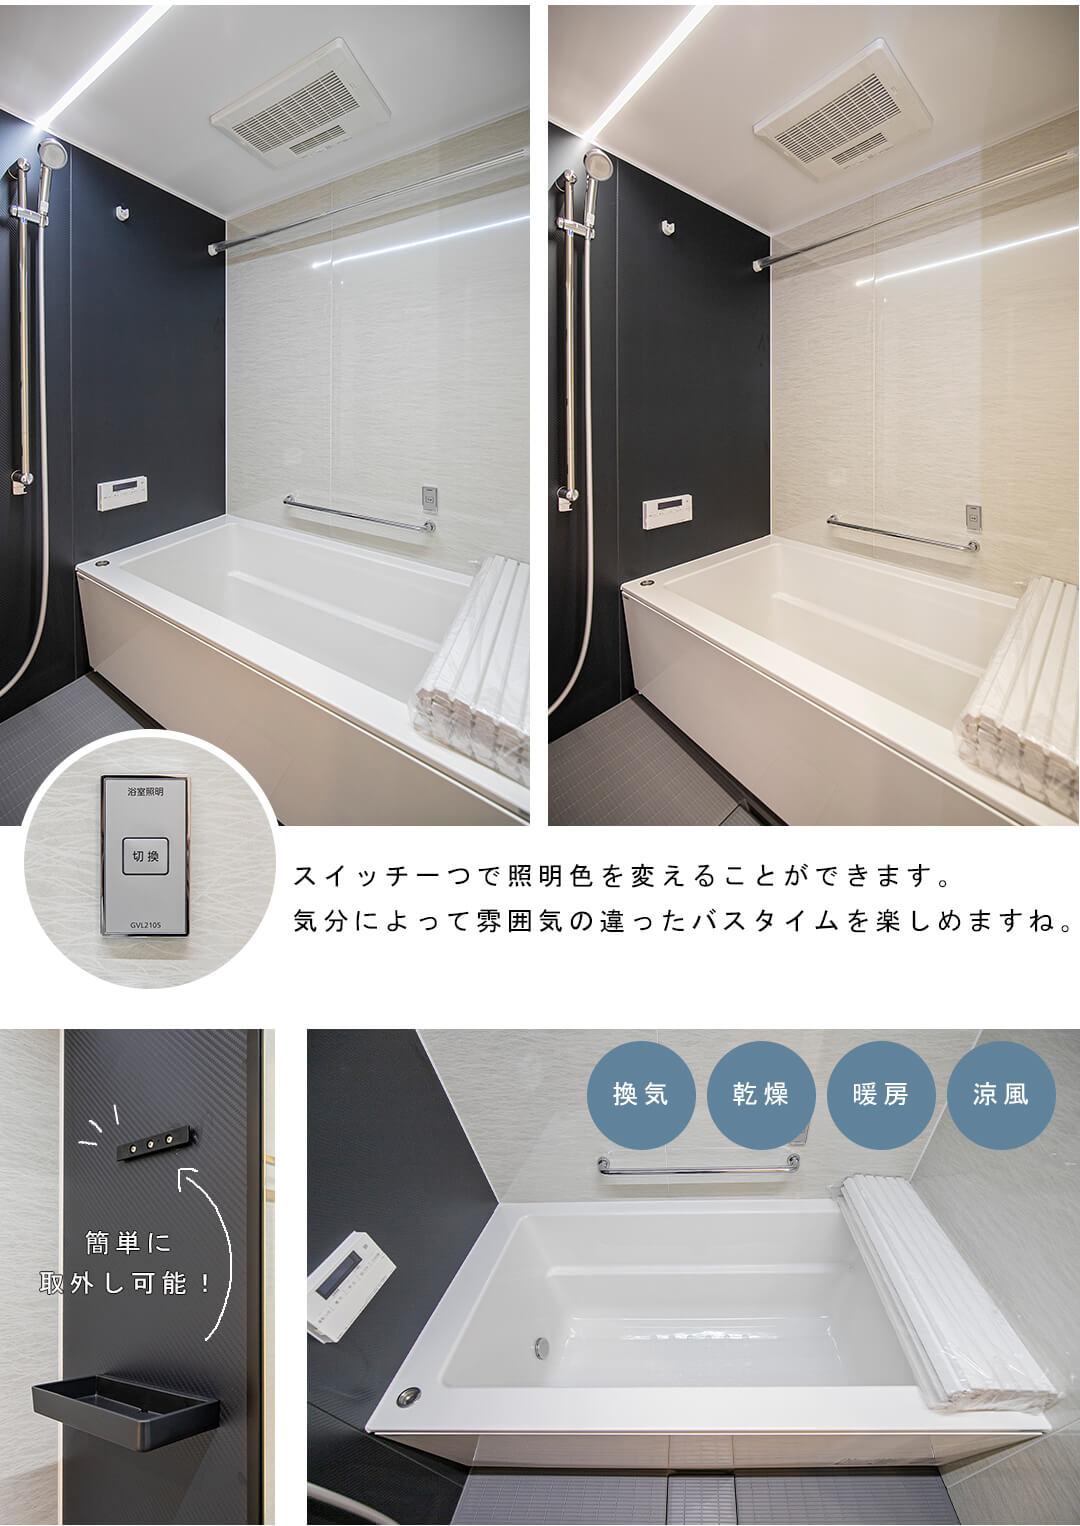 小田急コアロード杉並・富士見ヶ丘の浴室